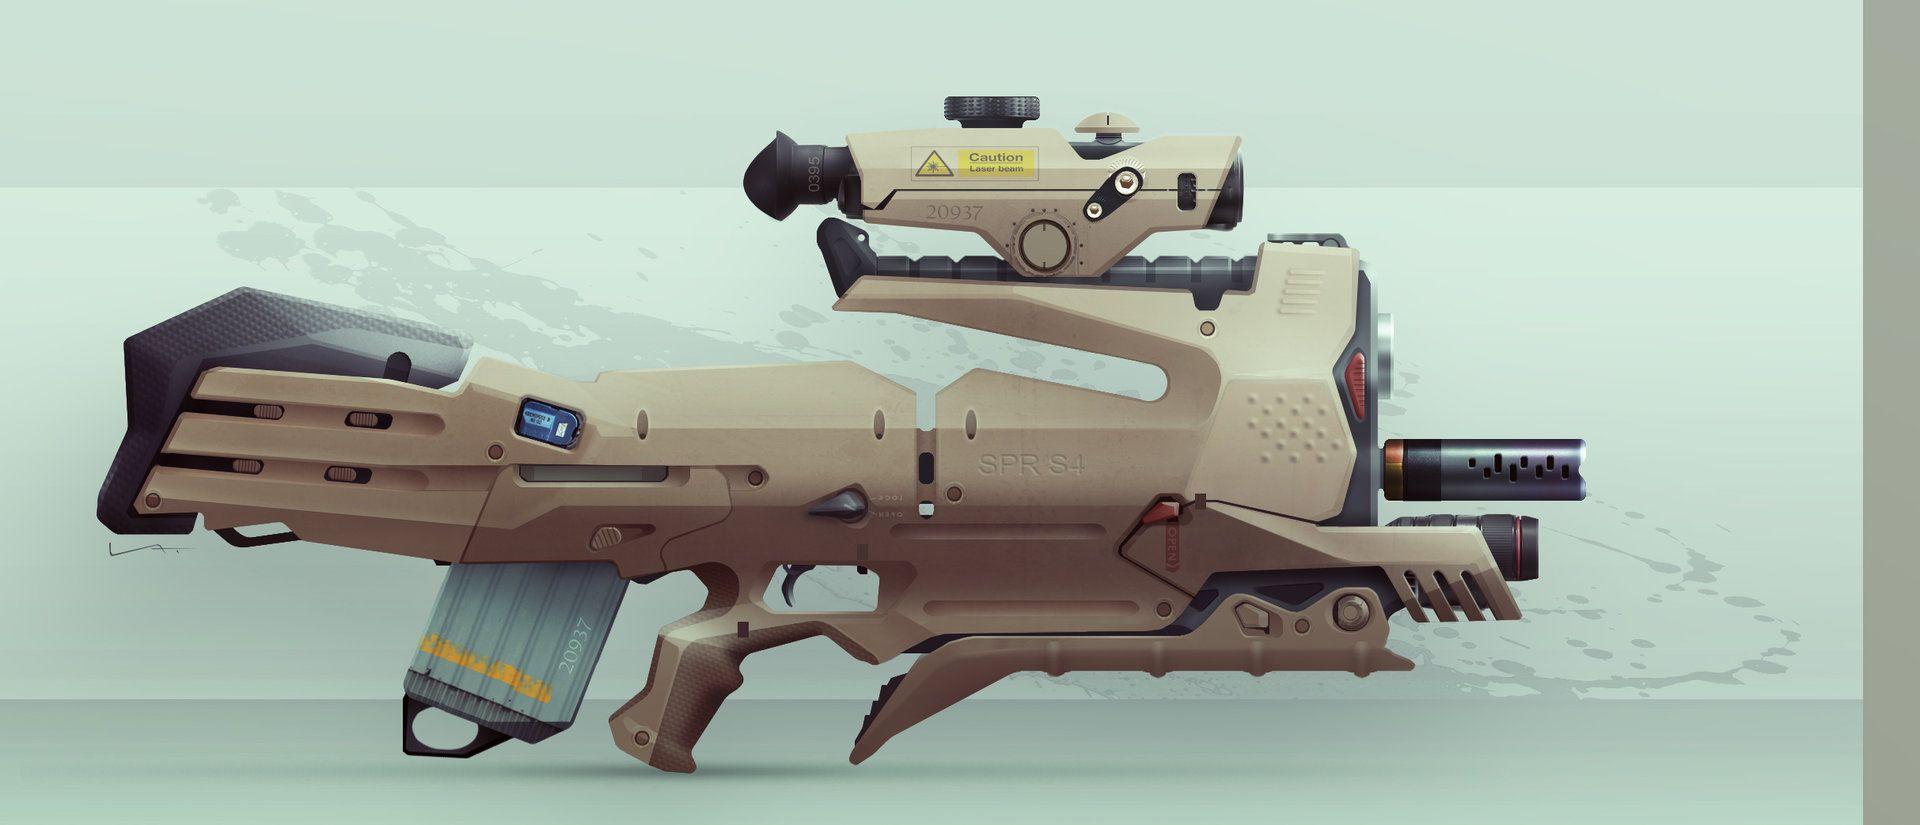 ArtStation - Assault Rifle, Ivan Tantsiura